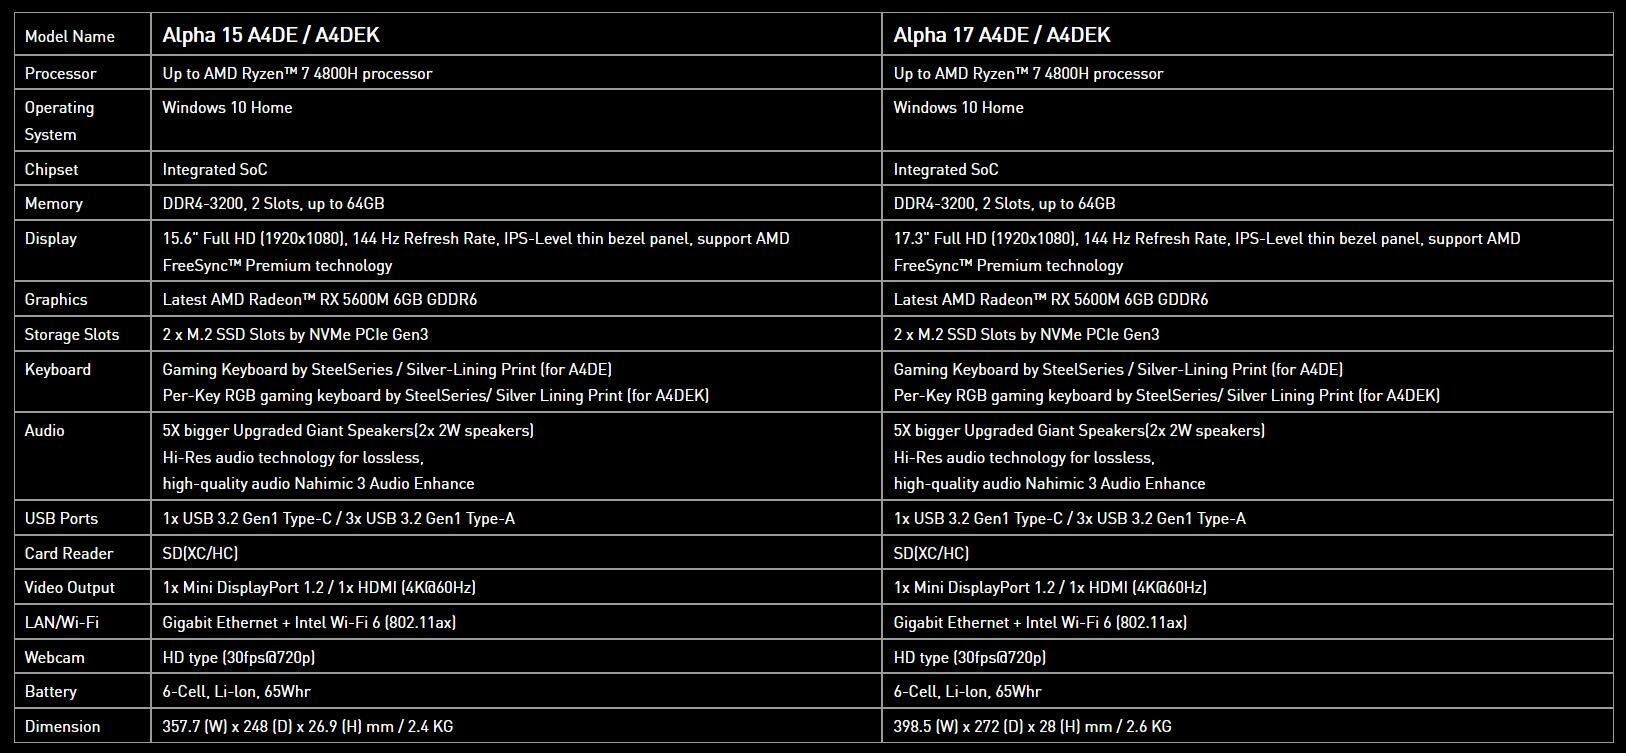 مشخصات فنی لپ تاپهای آلفا 15 و 17 MSI